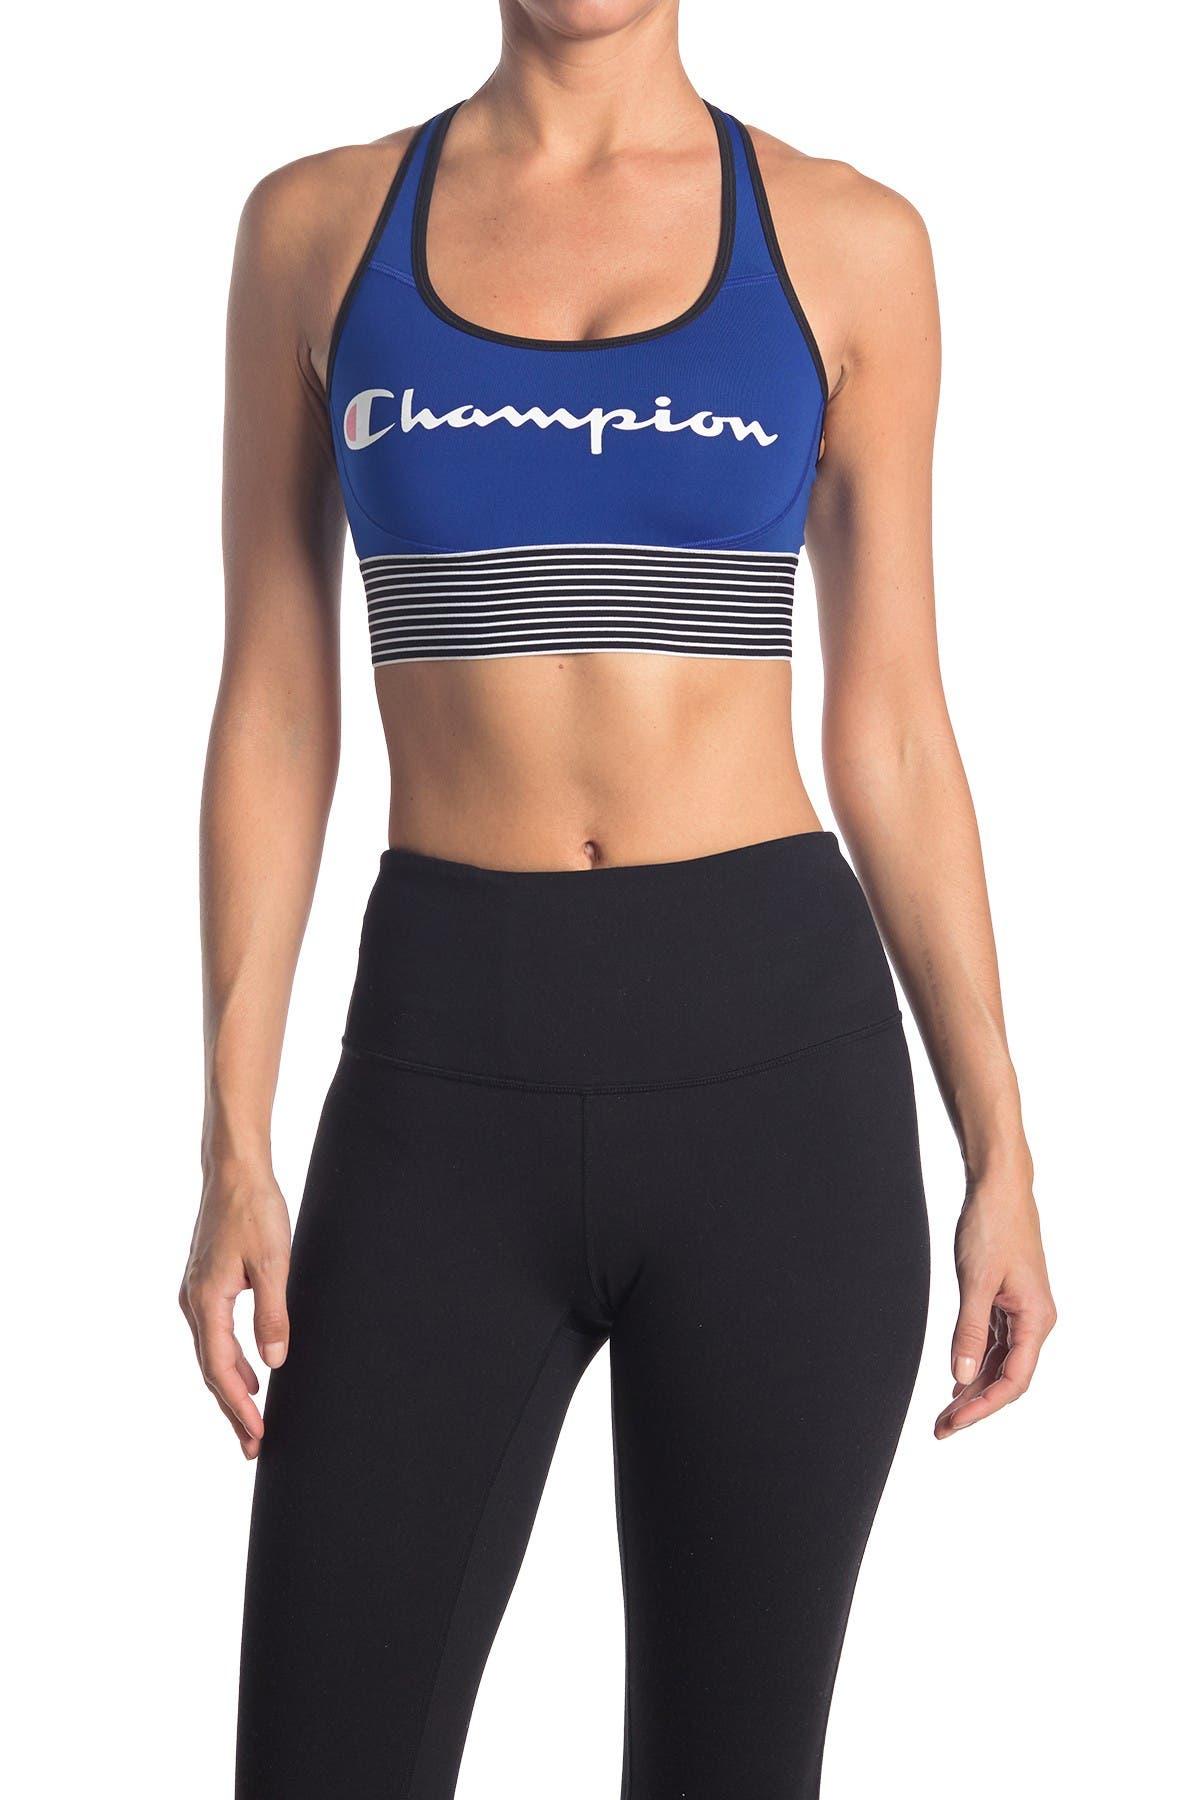 Champion Absolute Workout Shape Sports Bra Bra